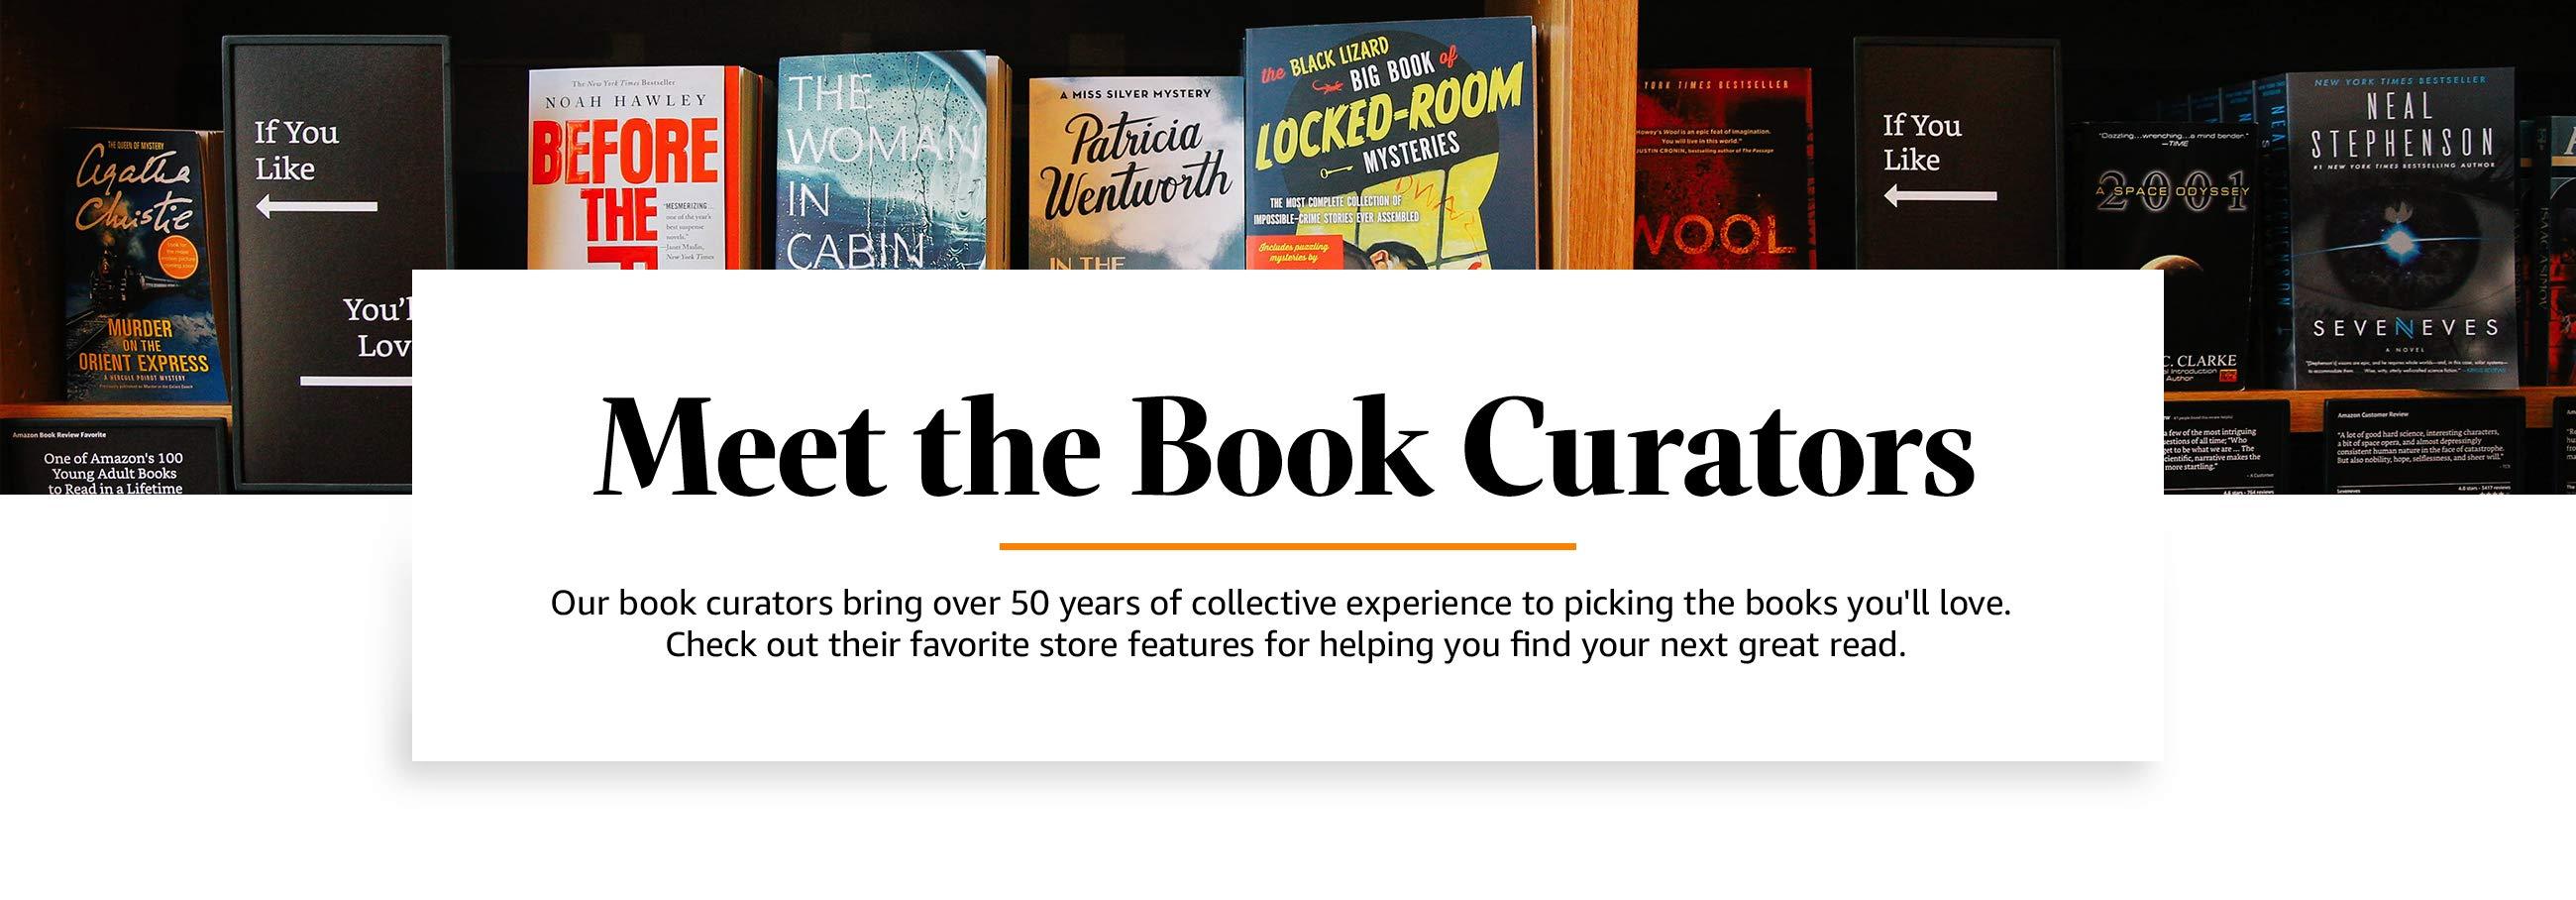 Meet the Book Curators